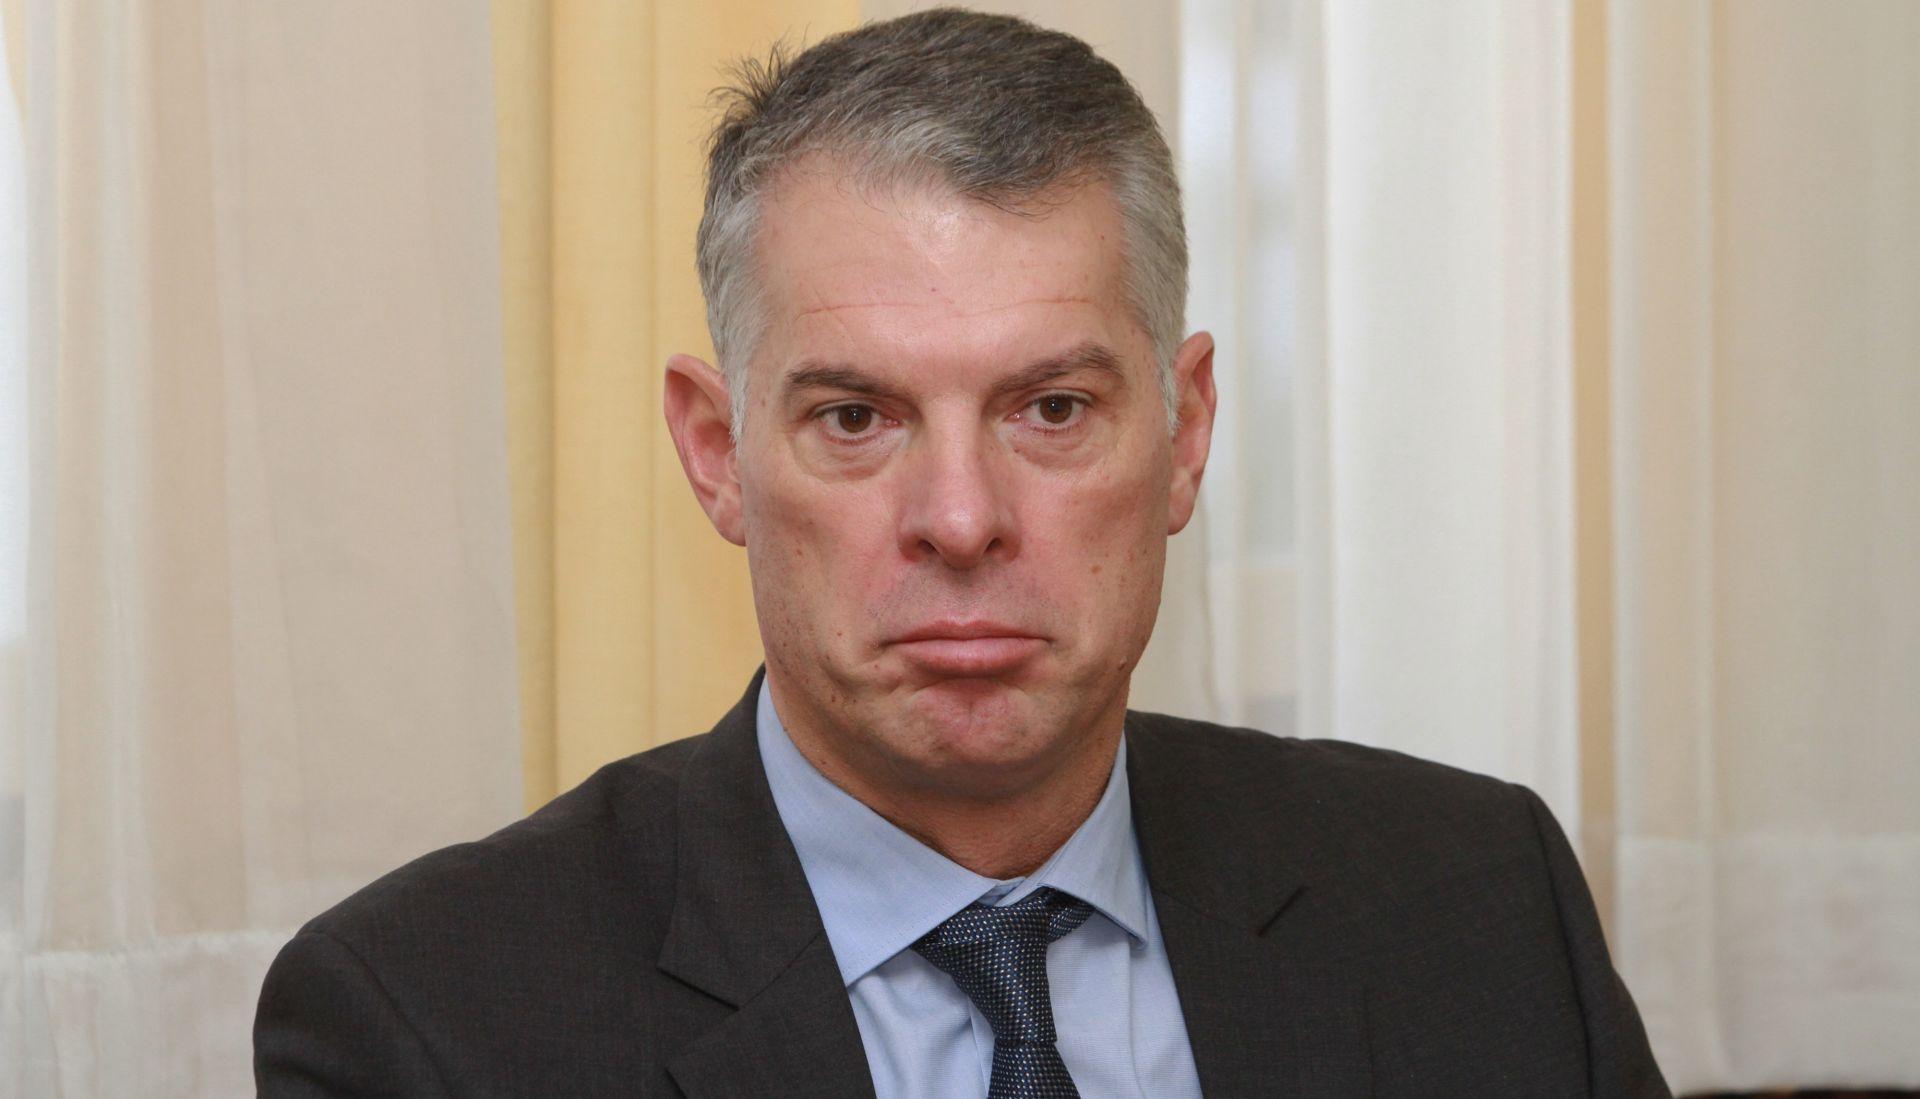 Pomoćnik ministra: Zdravlje pacijenata u splitskom KBC-u nije ugroženo